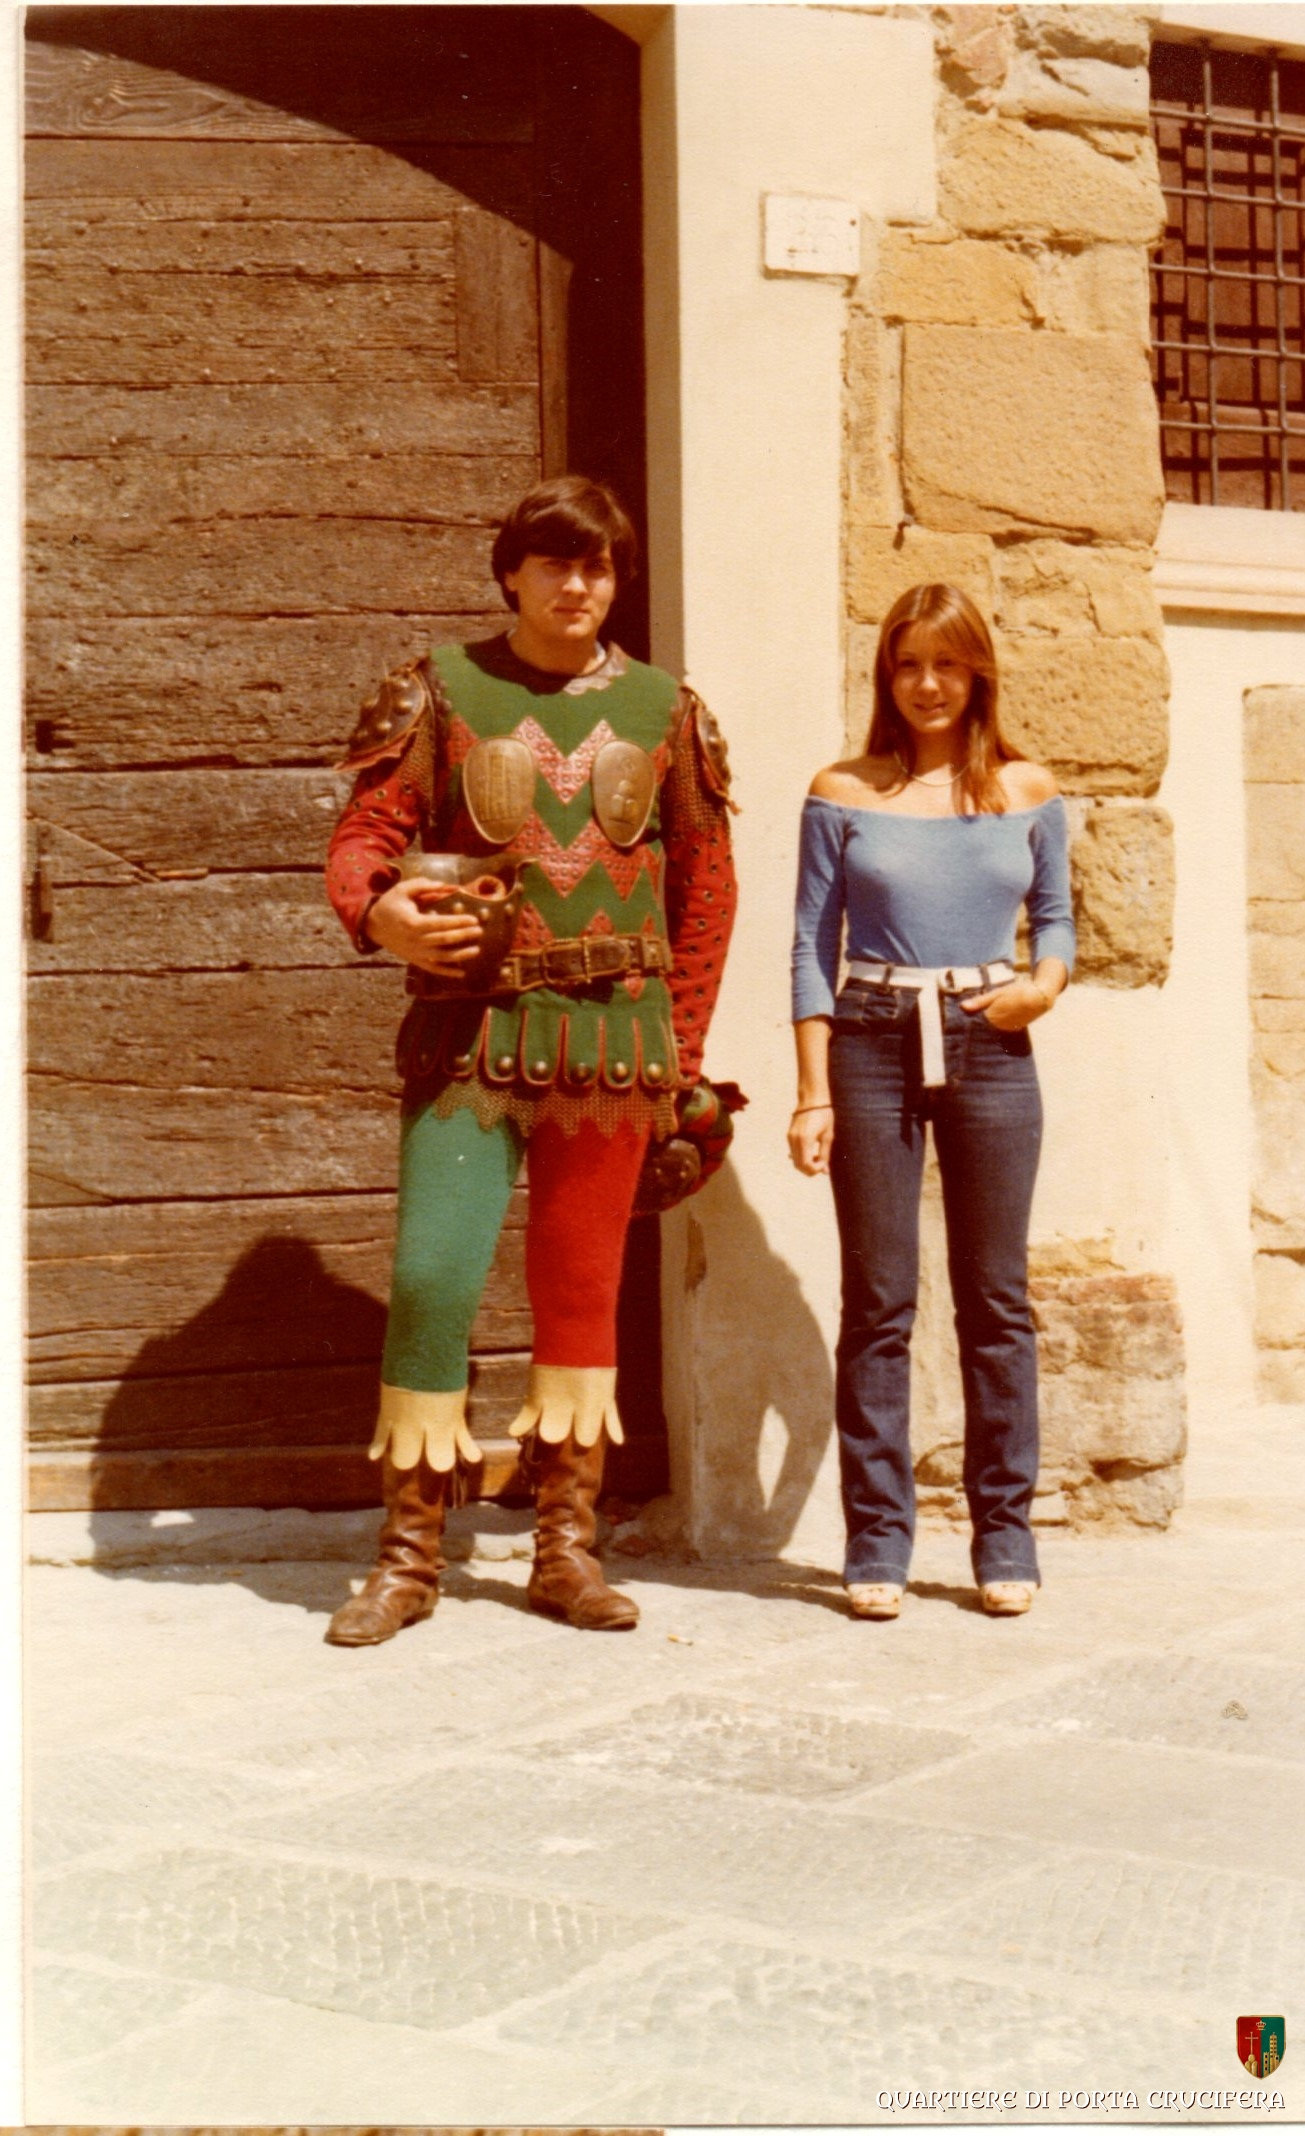 11 - primi anni 80 - Pre Giostra - Rossi e Franca Peruzzi